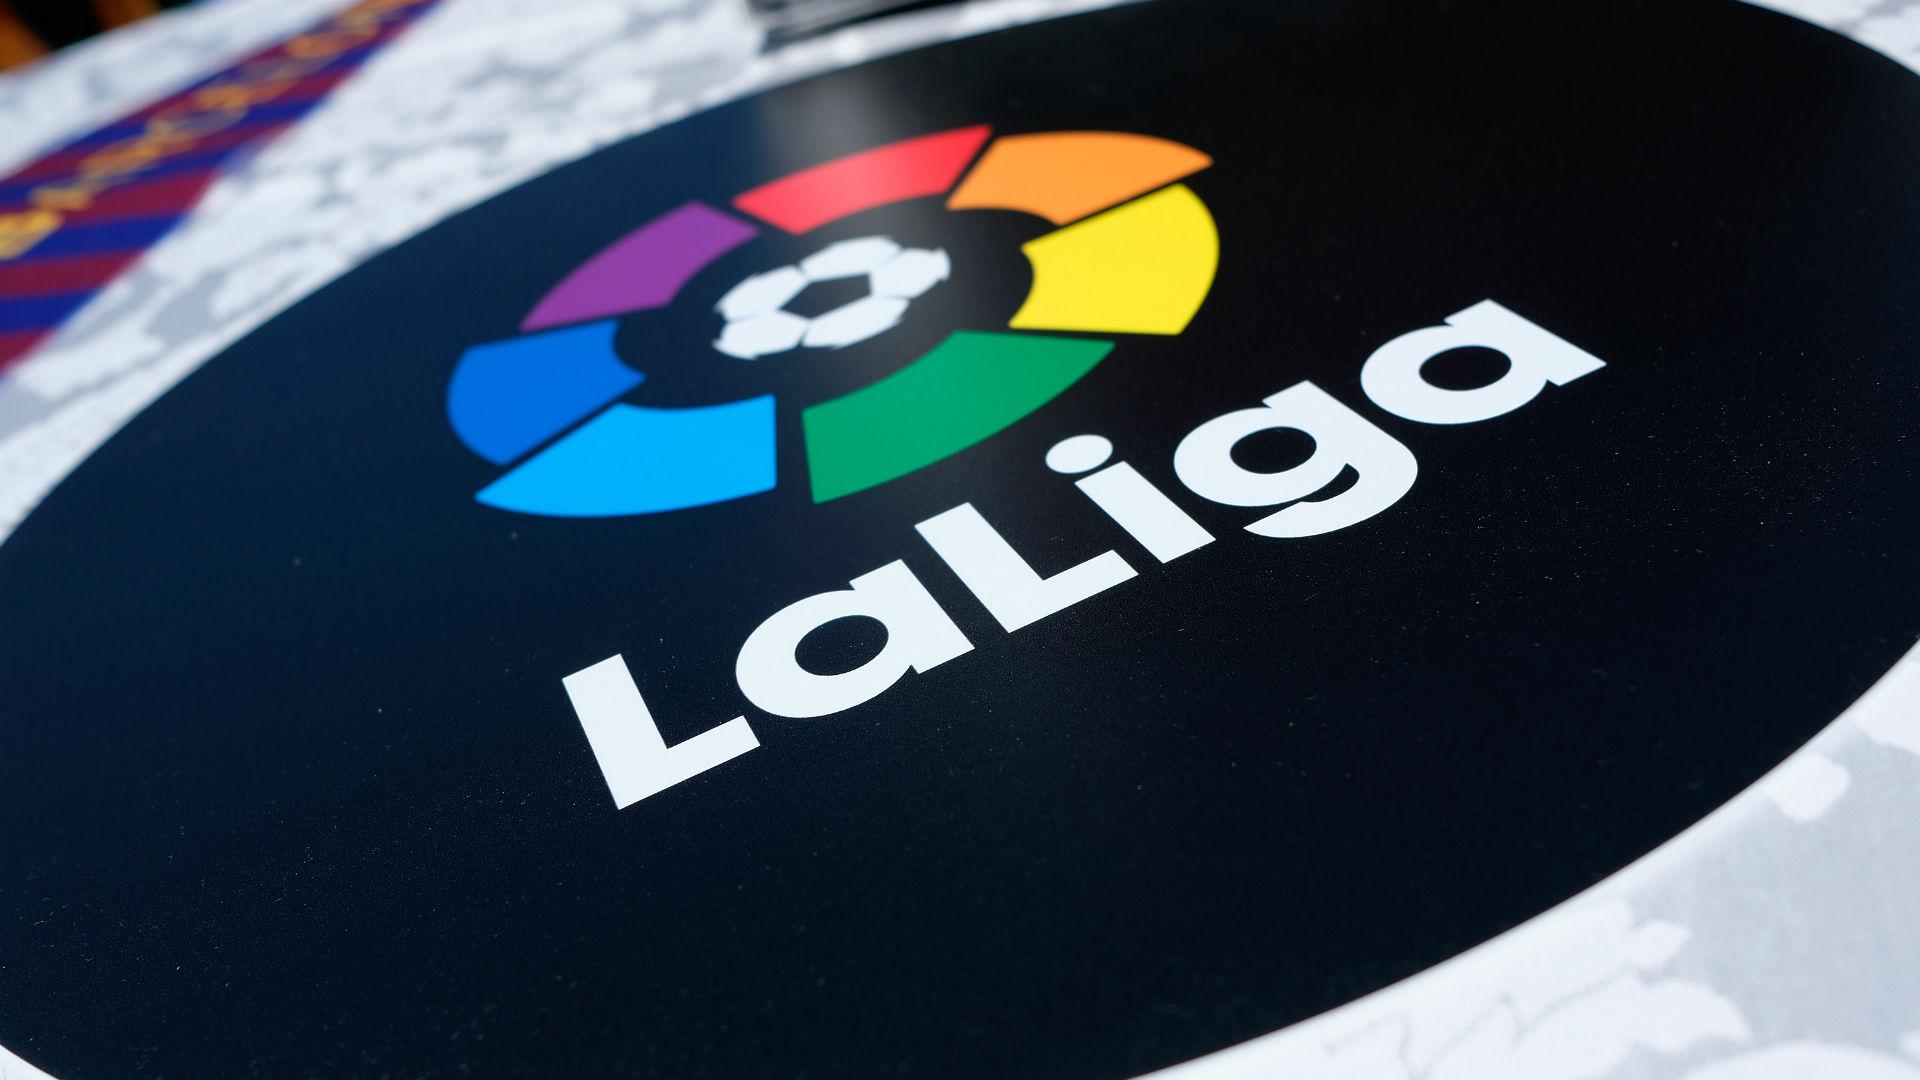 Перераспределение прав на футбольные трансляции обострило конкуренцию между телекоммуникационными операторами Испании